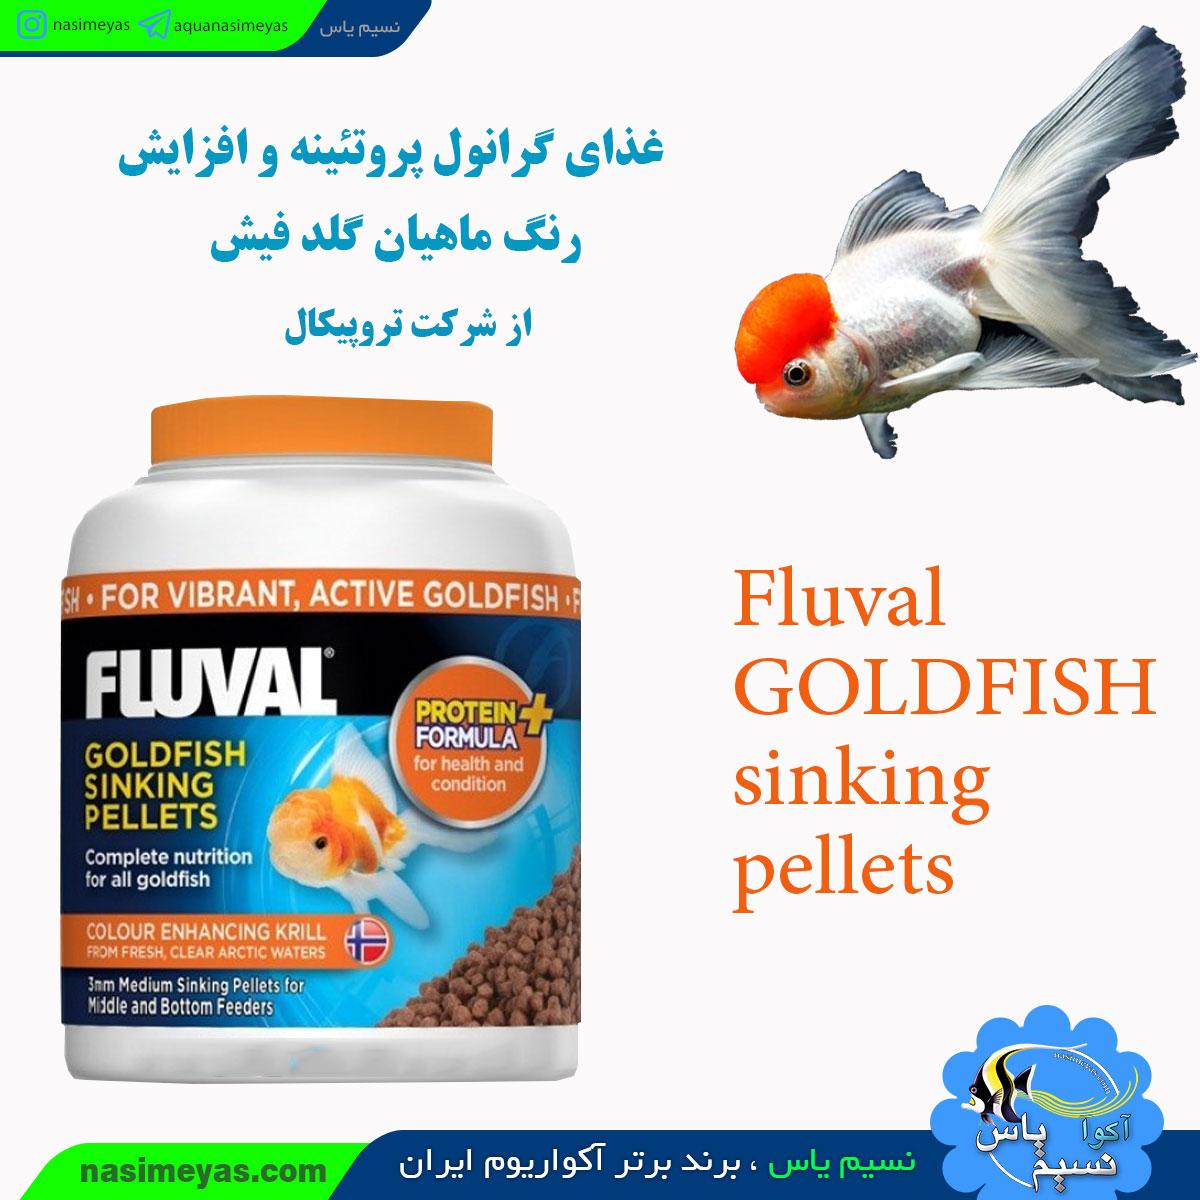 Fluval Goldfish sinking pellets